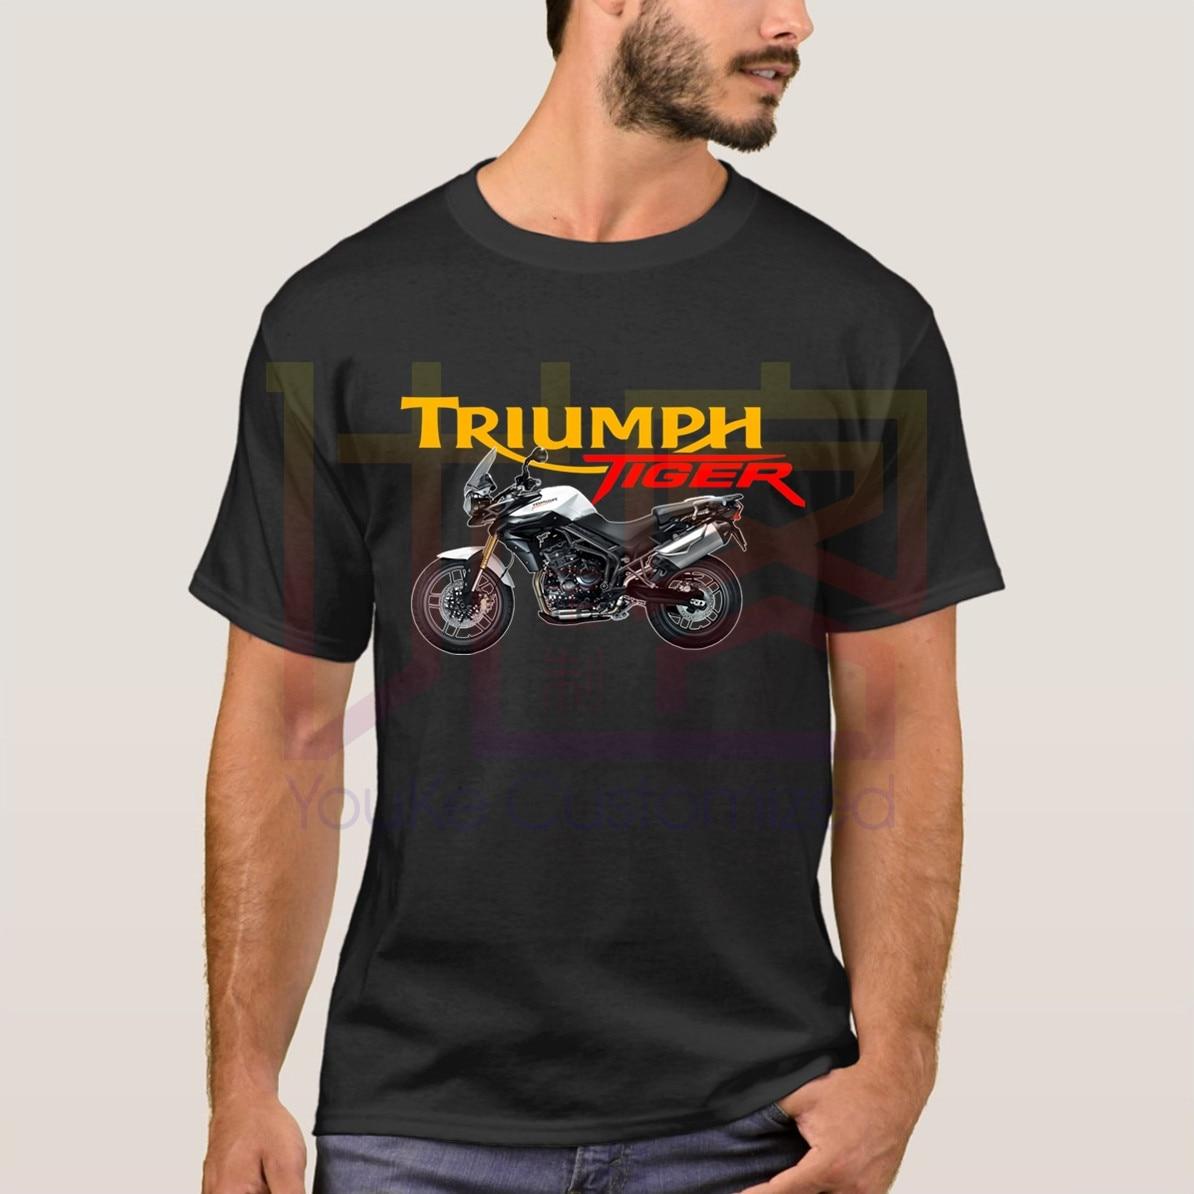 Triumph Tiger T-Shirt Short Sleeve Men's T-Shirt 2019 Hot Leisure Big Size Cotton Crewneck Motor Men's Clothes